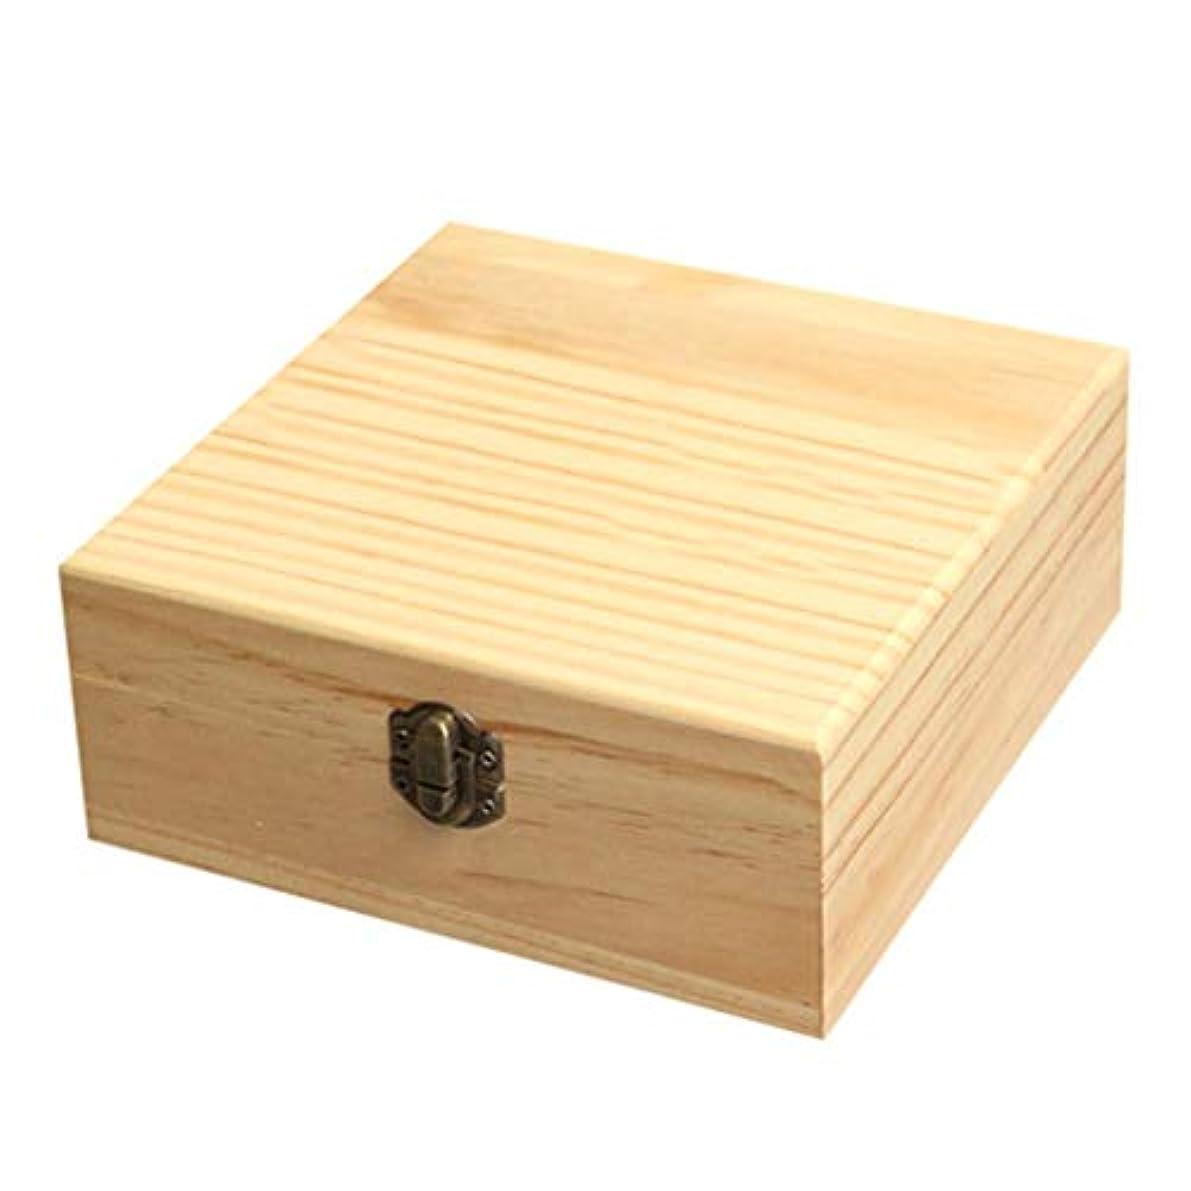 丘混乱コックhopefull エッセンシャルオイル収納ボックス 大容量 和風 レトロ 木製 精油収納 携帯便利 オイルボックス 飾り物 25本用 for